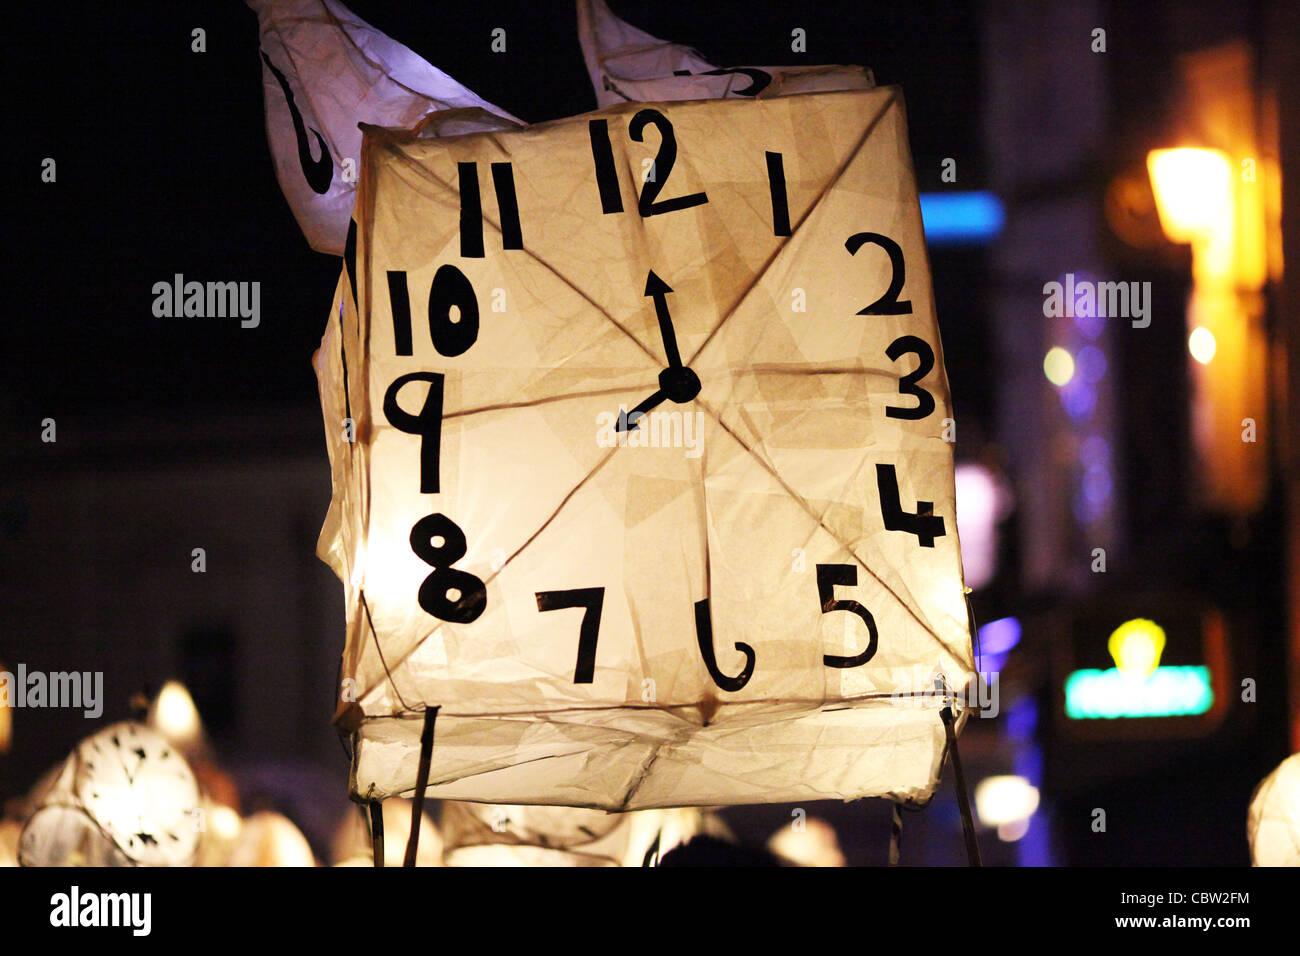 Nachtschwärmer Teilnahme an der jährlichen brennen die Uhren Winter Solstice Parade durch die Straßen Stockbild